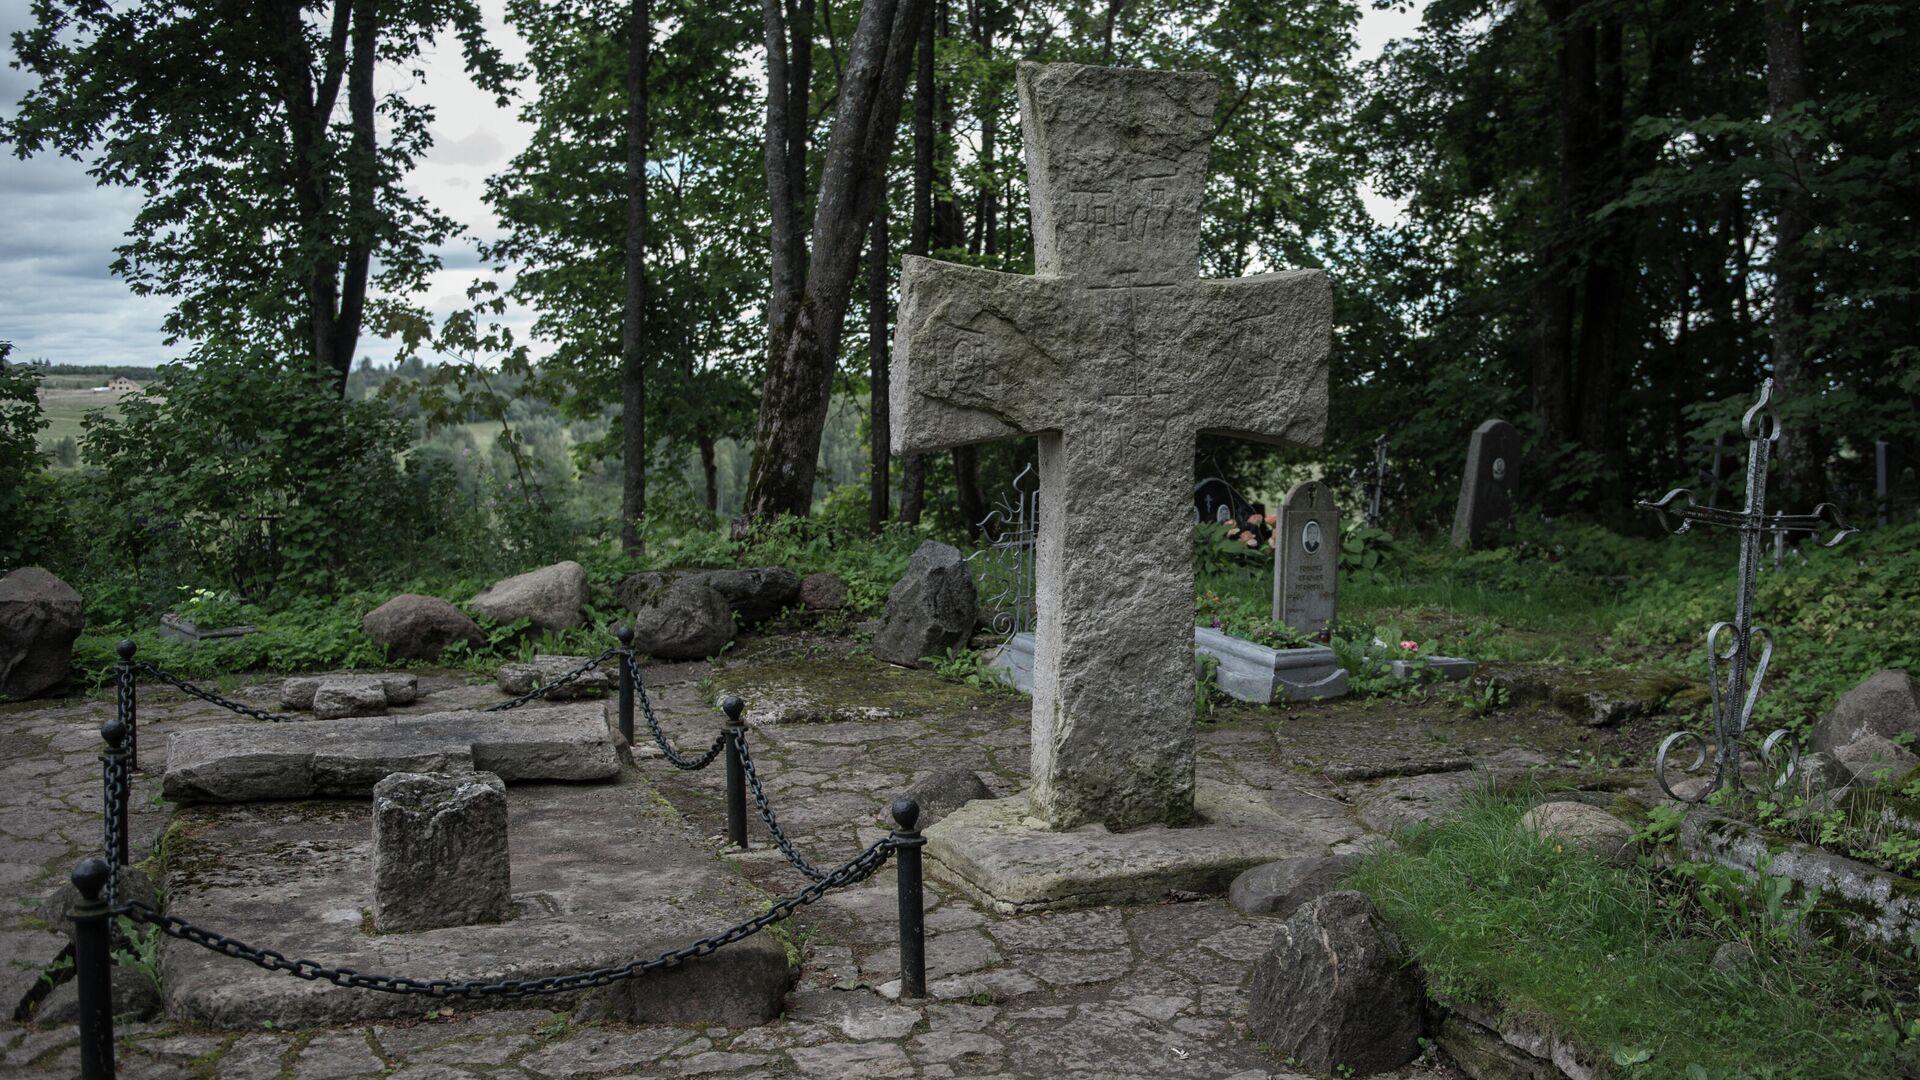 Труворов крест в Изборске Псковской области - РИА Новости, 1920, 28.03.2020